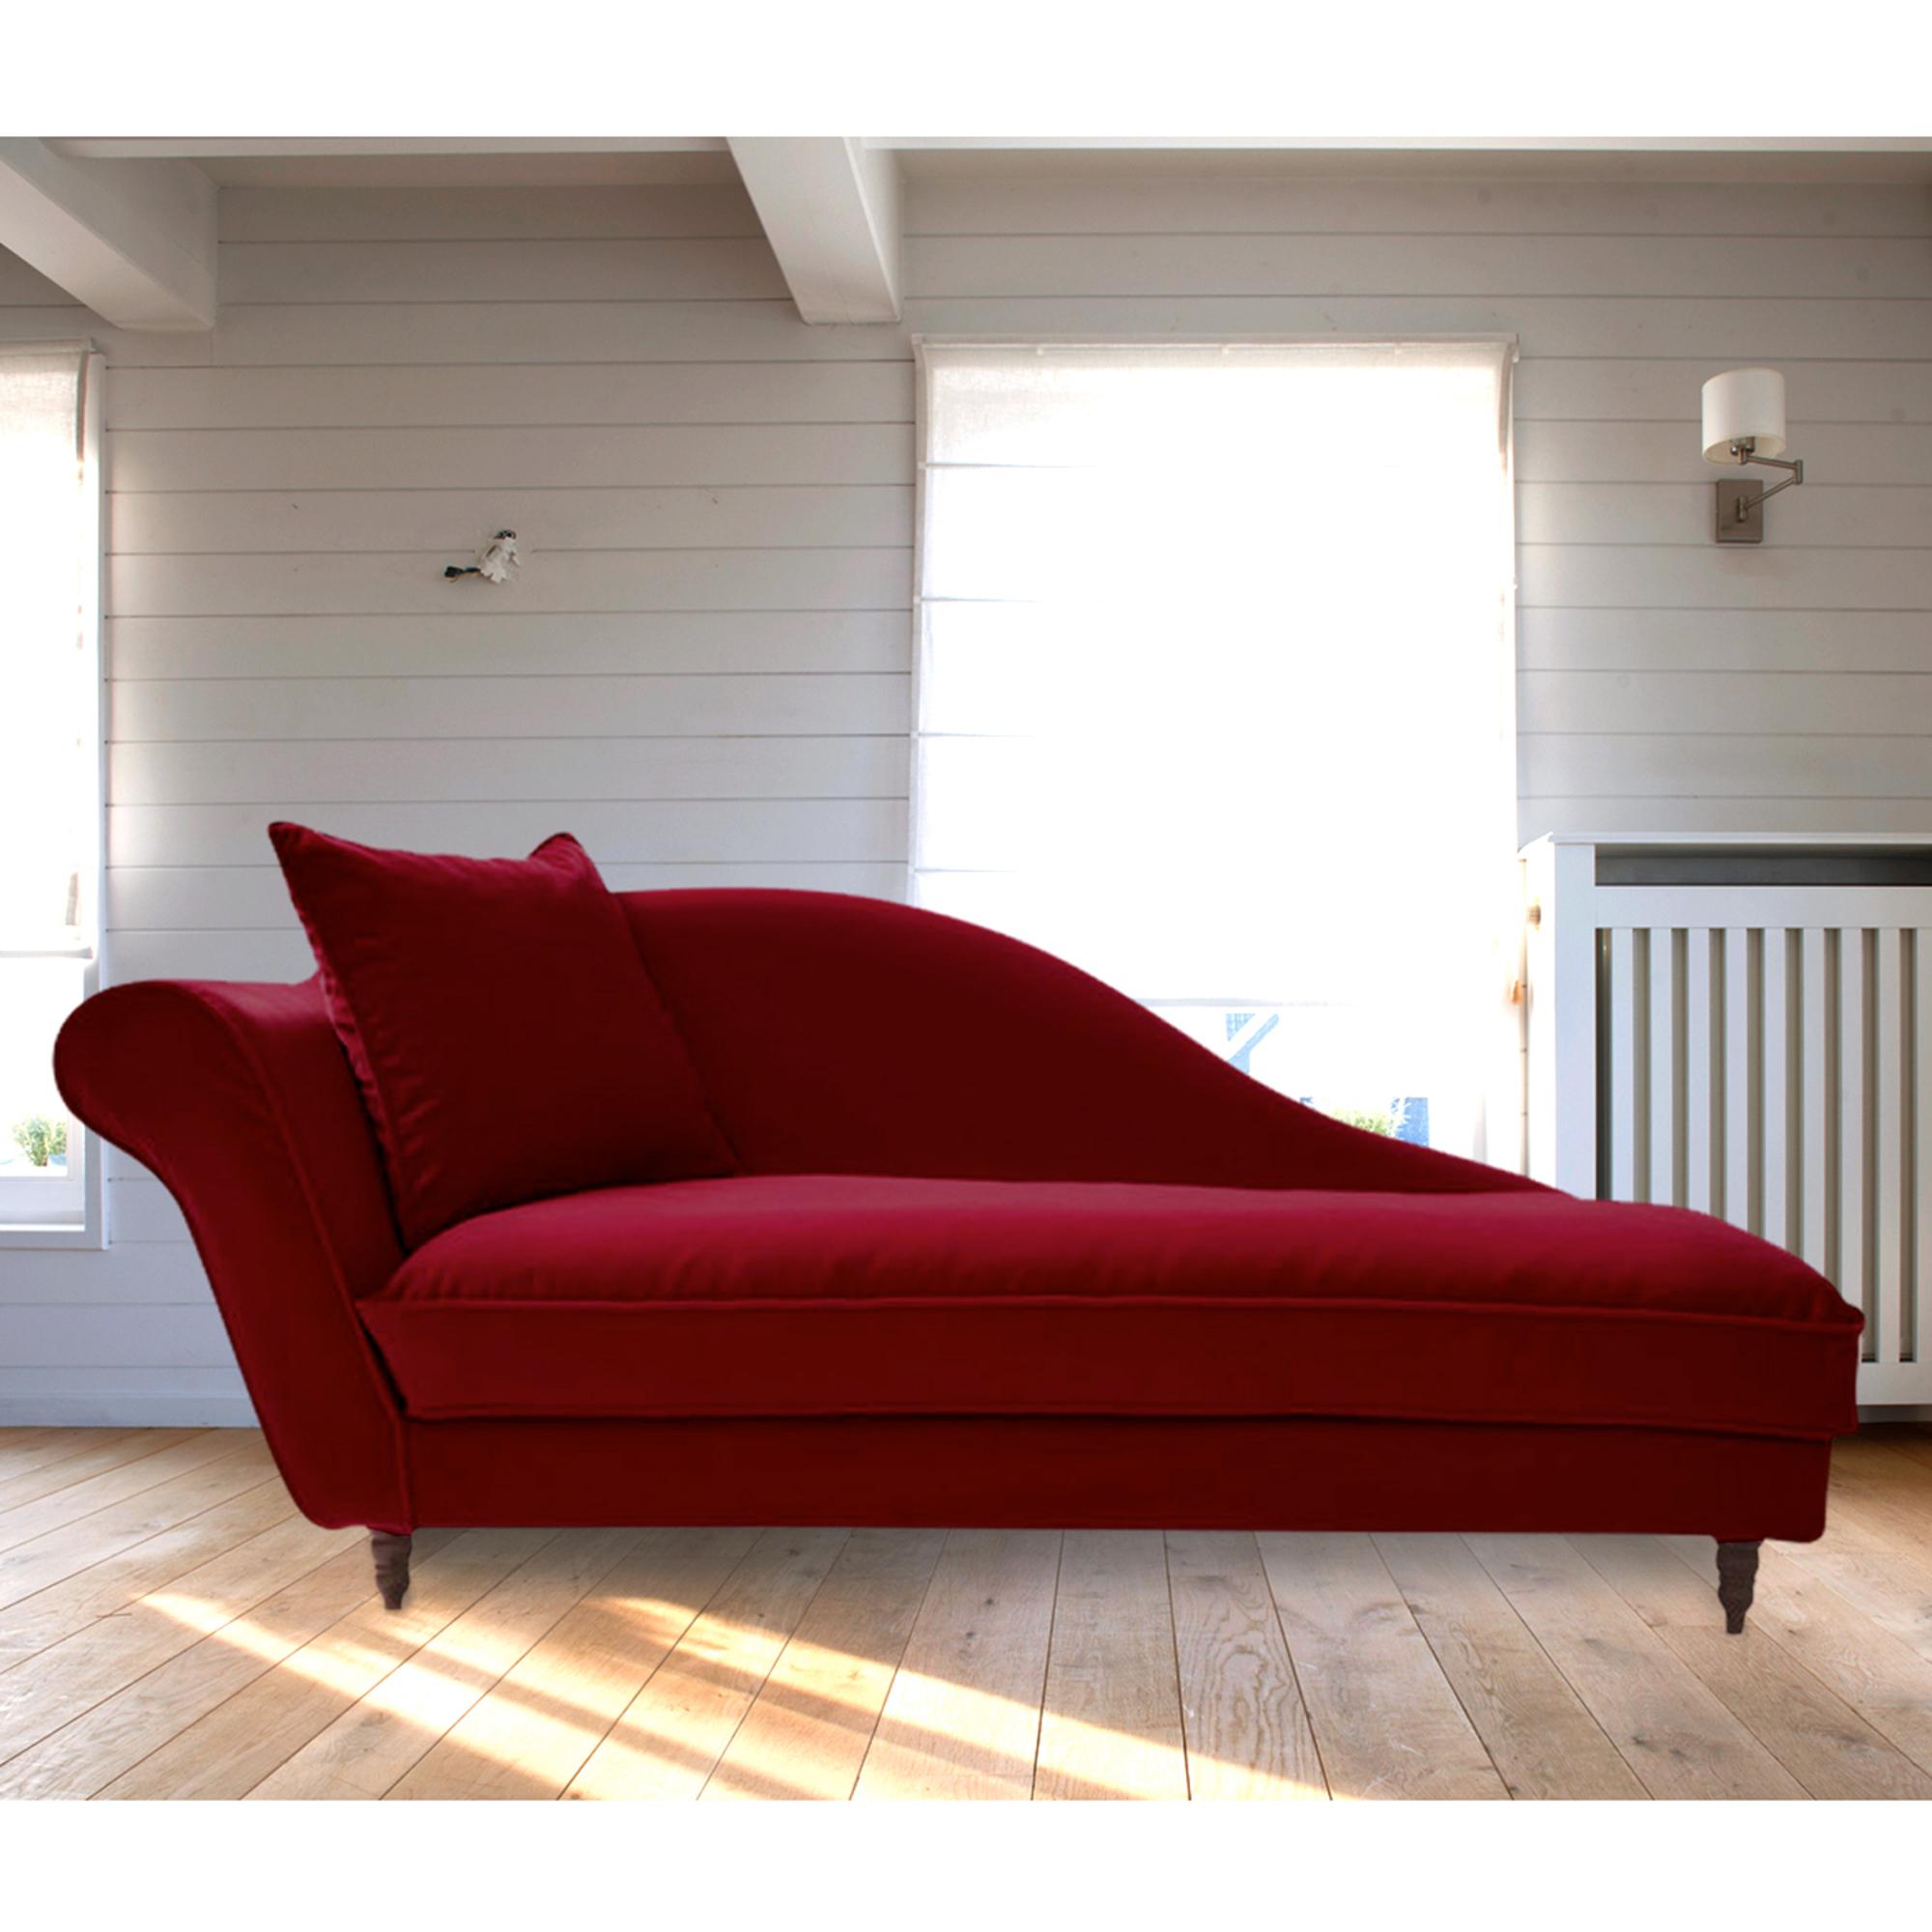 M ridienne droite glamour rouge profond anniversaire for Acheter un sofa